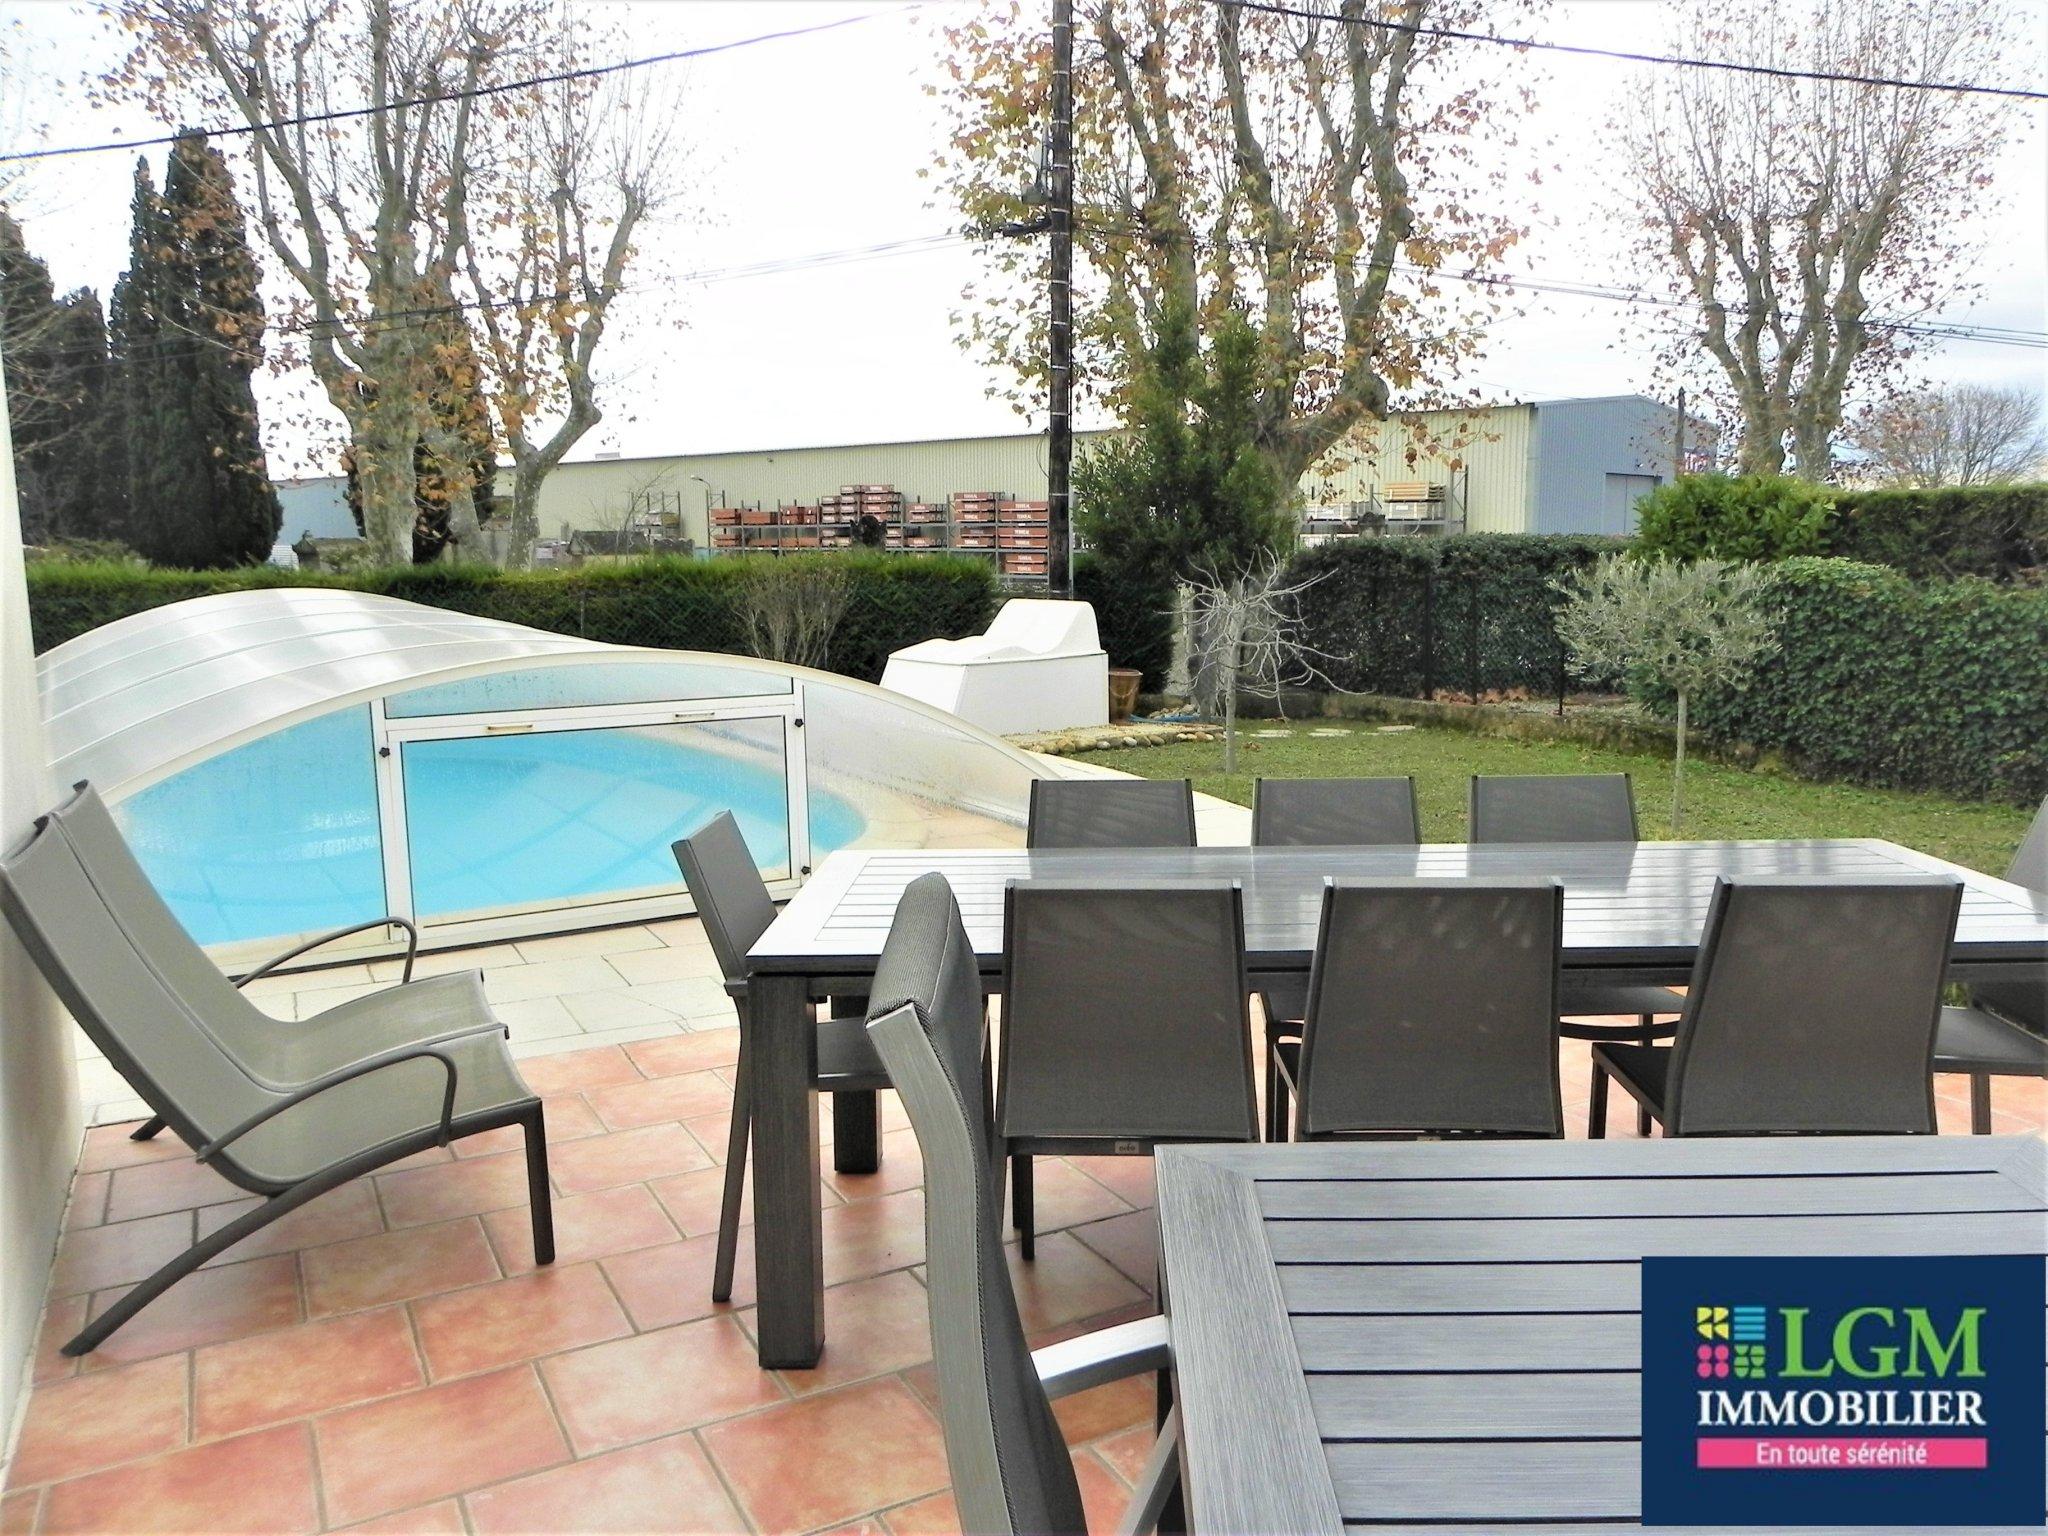 Jolie Villa 5 Pièces Avec Piscine – Lgm Immobilier à Piscine Cournonterral